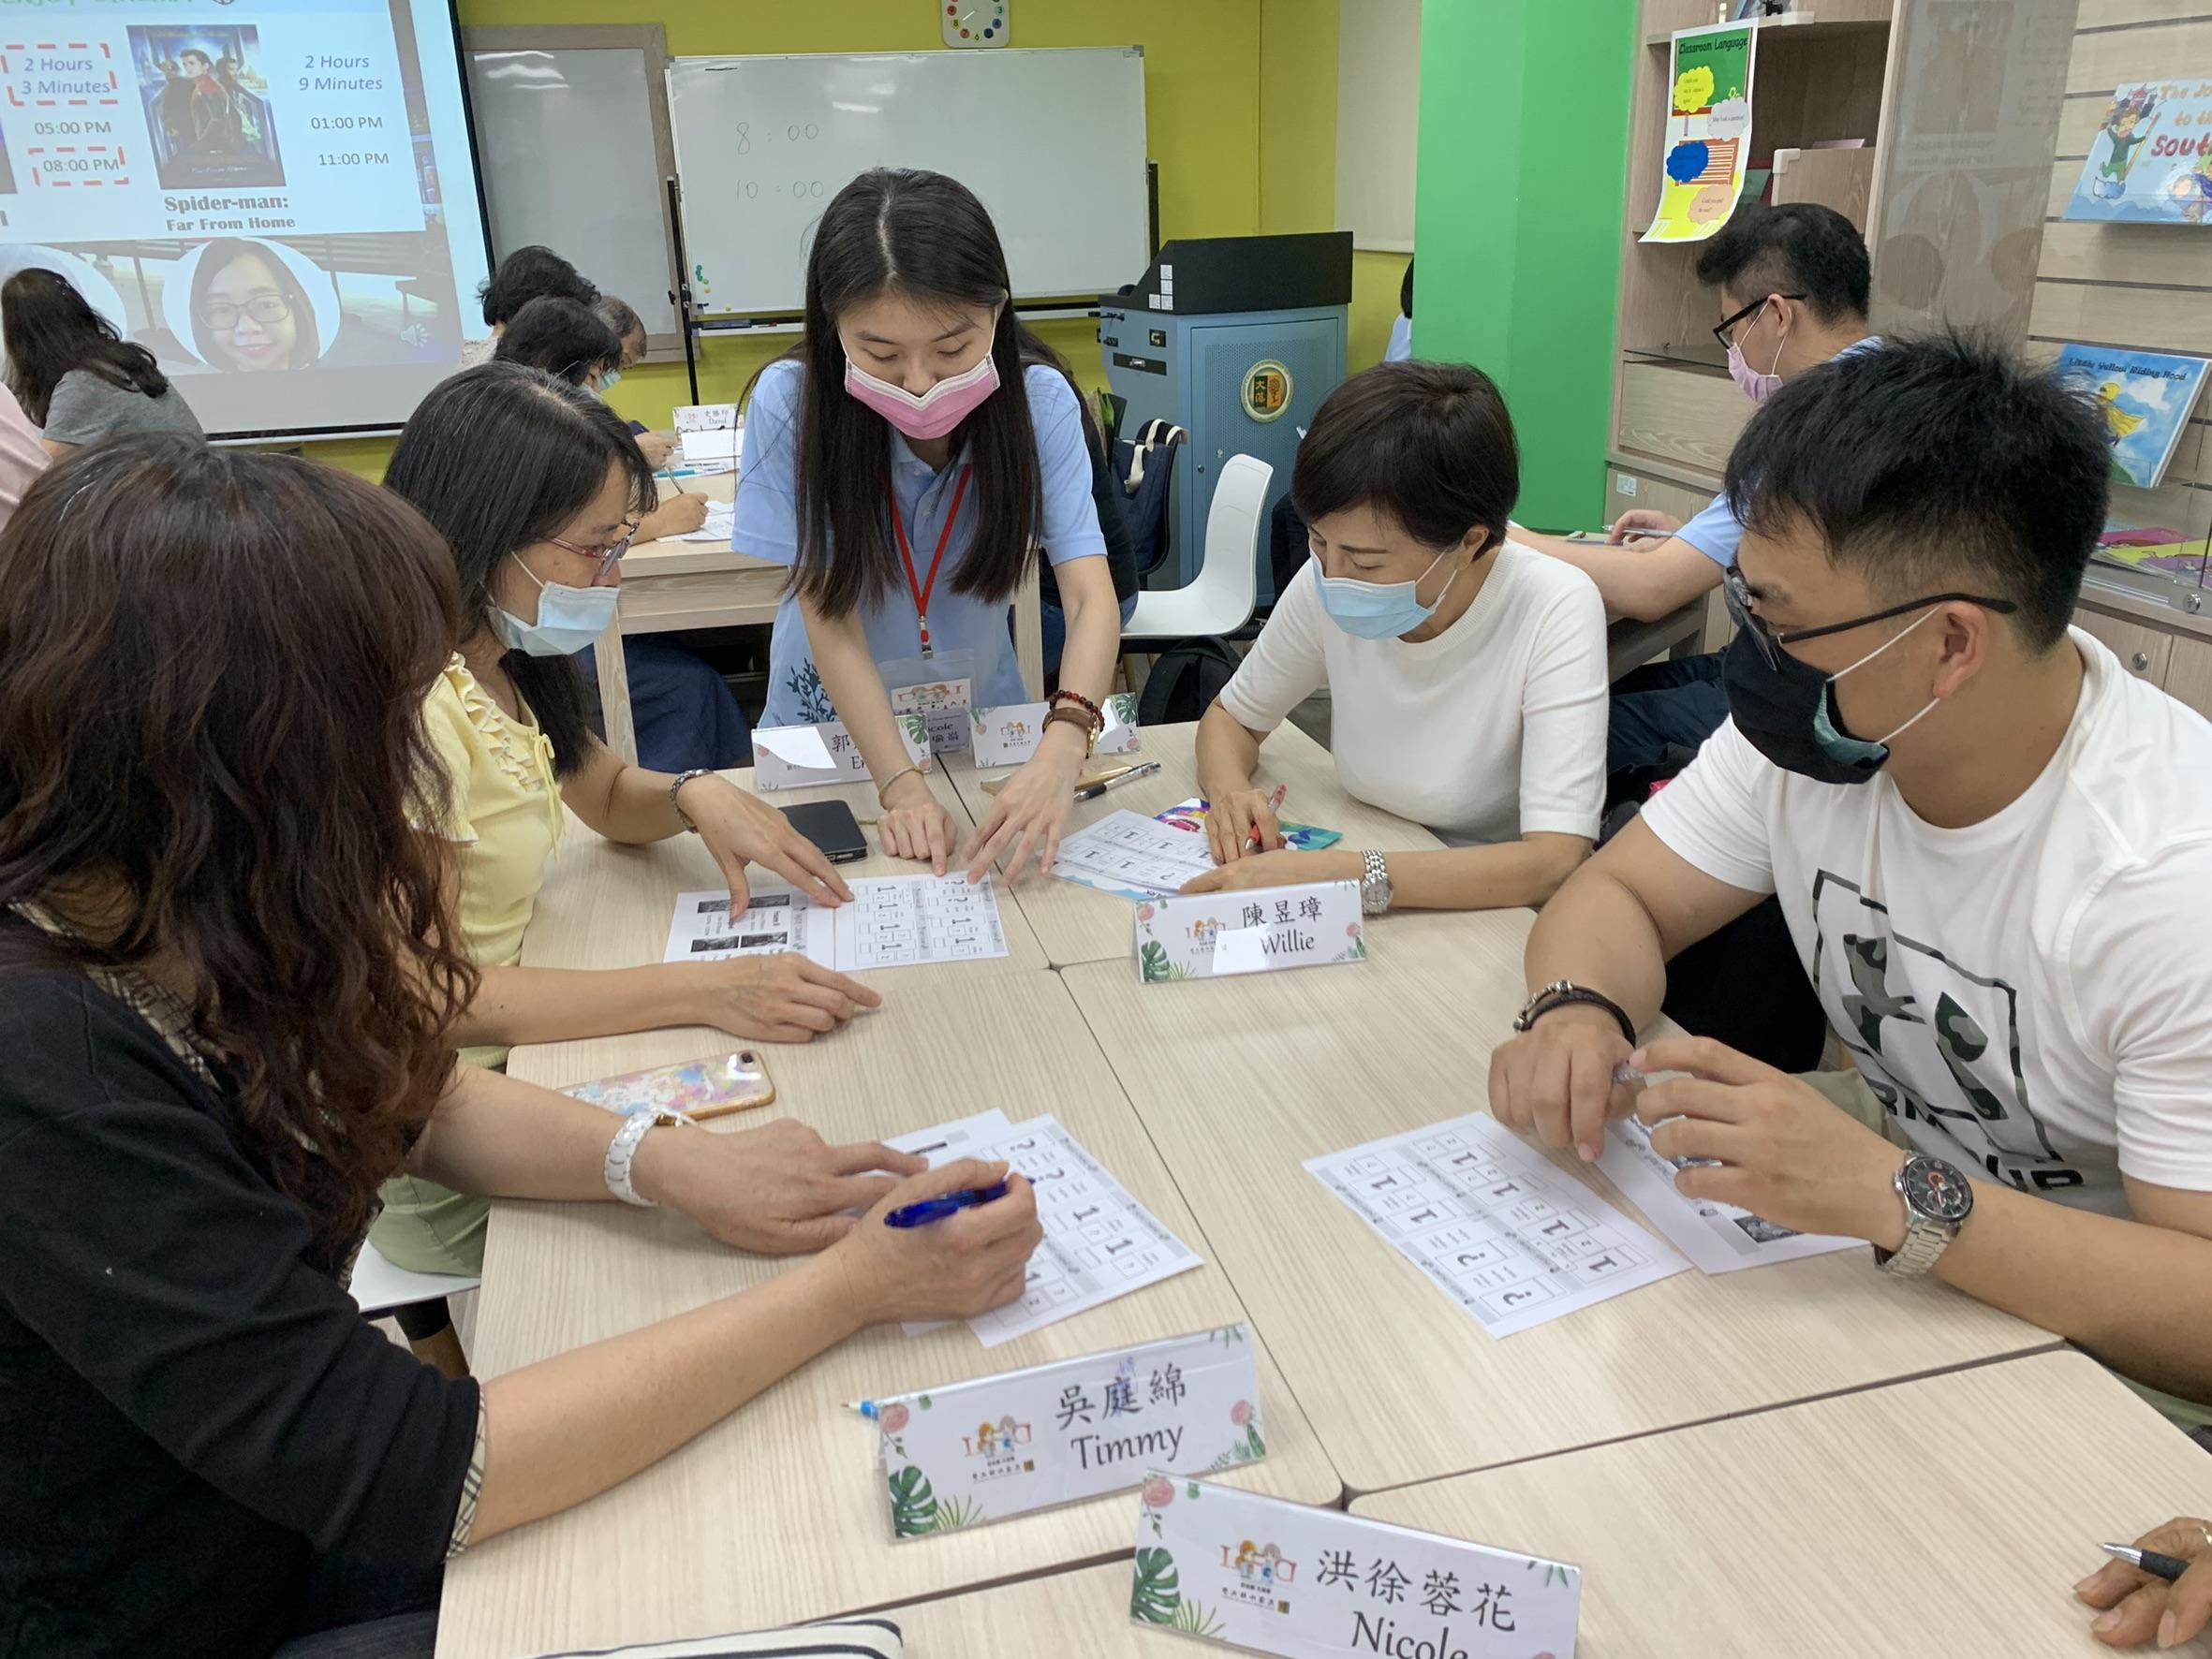 成人班-本系學生引導學員造句練習